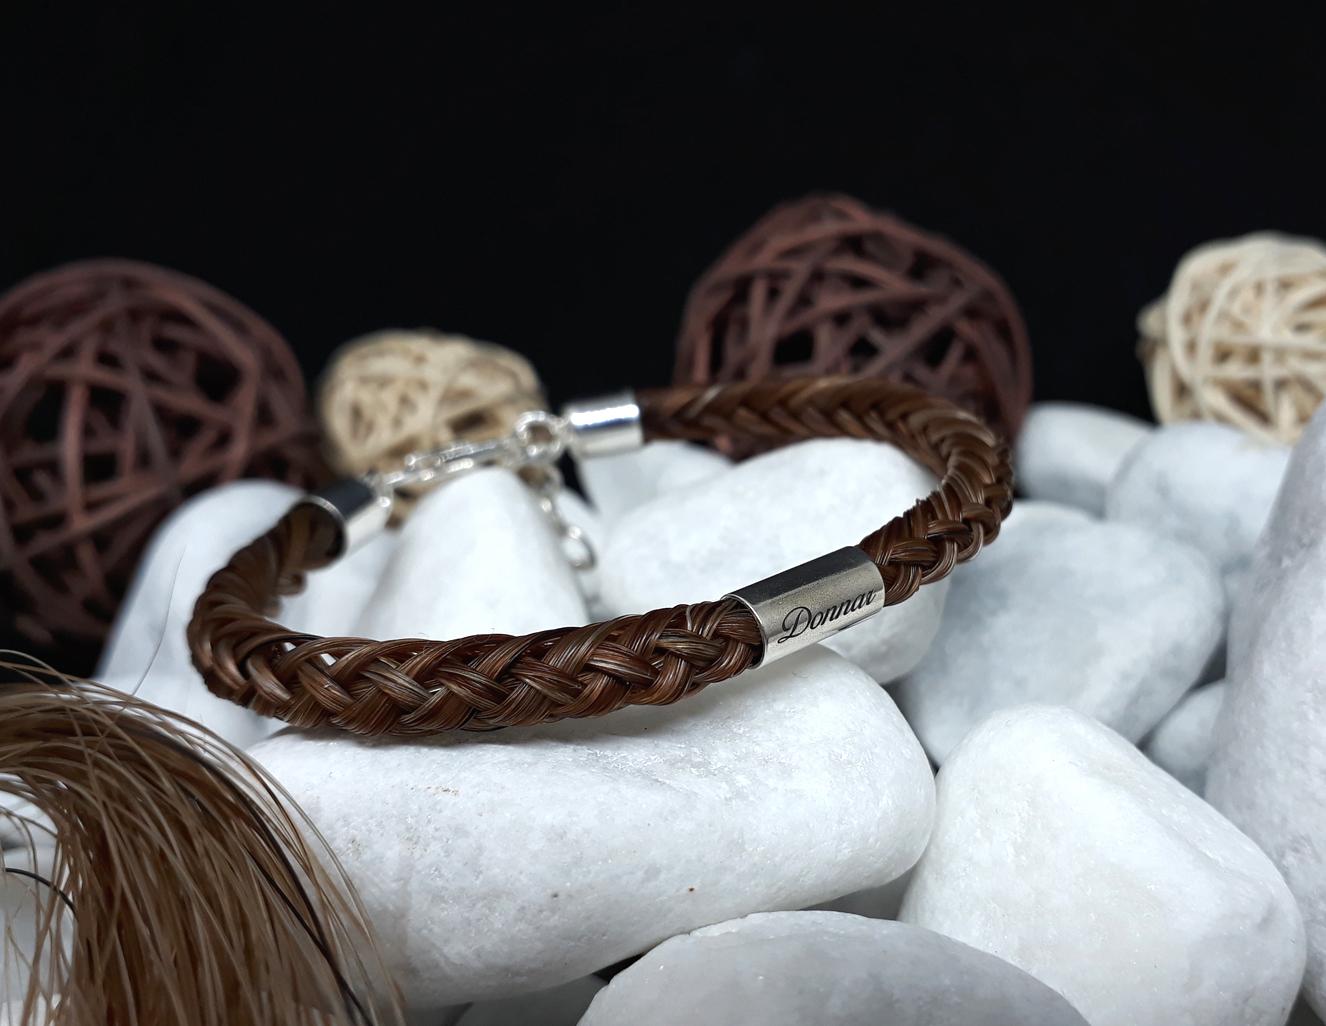 R8-Gravur-Silberhülse (dick): Rund geflochtenes Armband aus 8 orangerot mellierten Strängen mit 925er Silber-Hülse (dick) mit Gravur, mit 925er Silber-Karabinerverschluss - Preis: 79 Euro